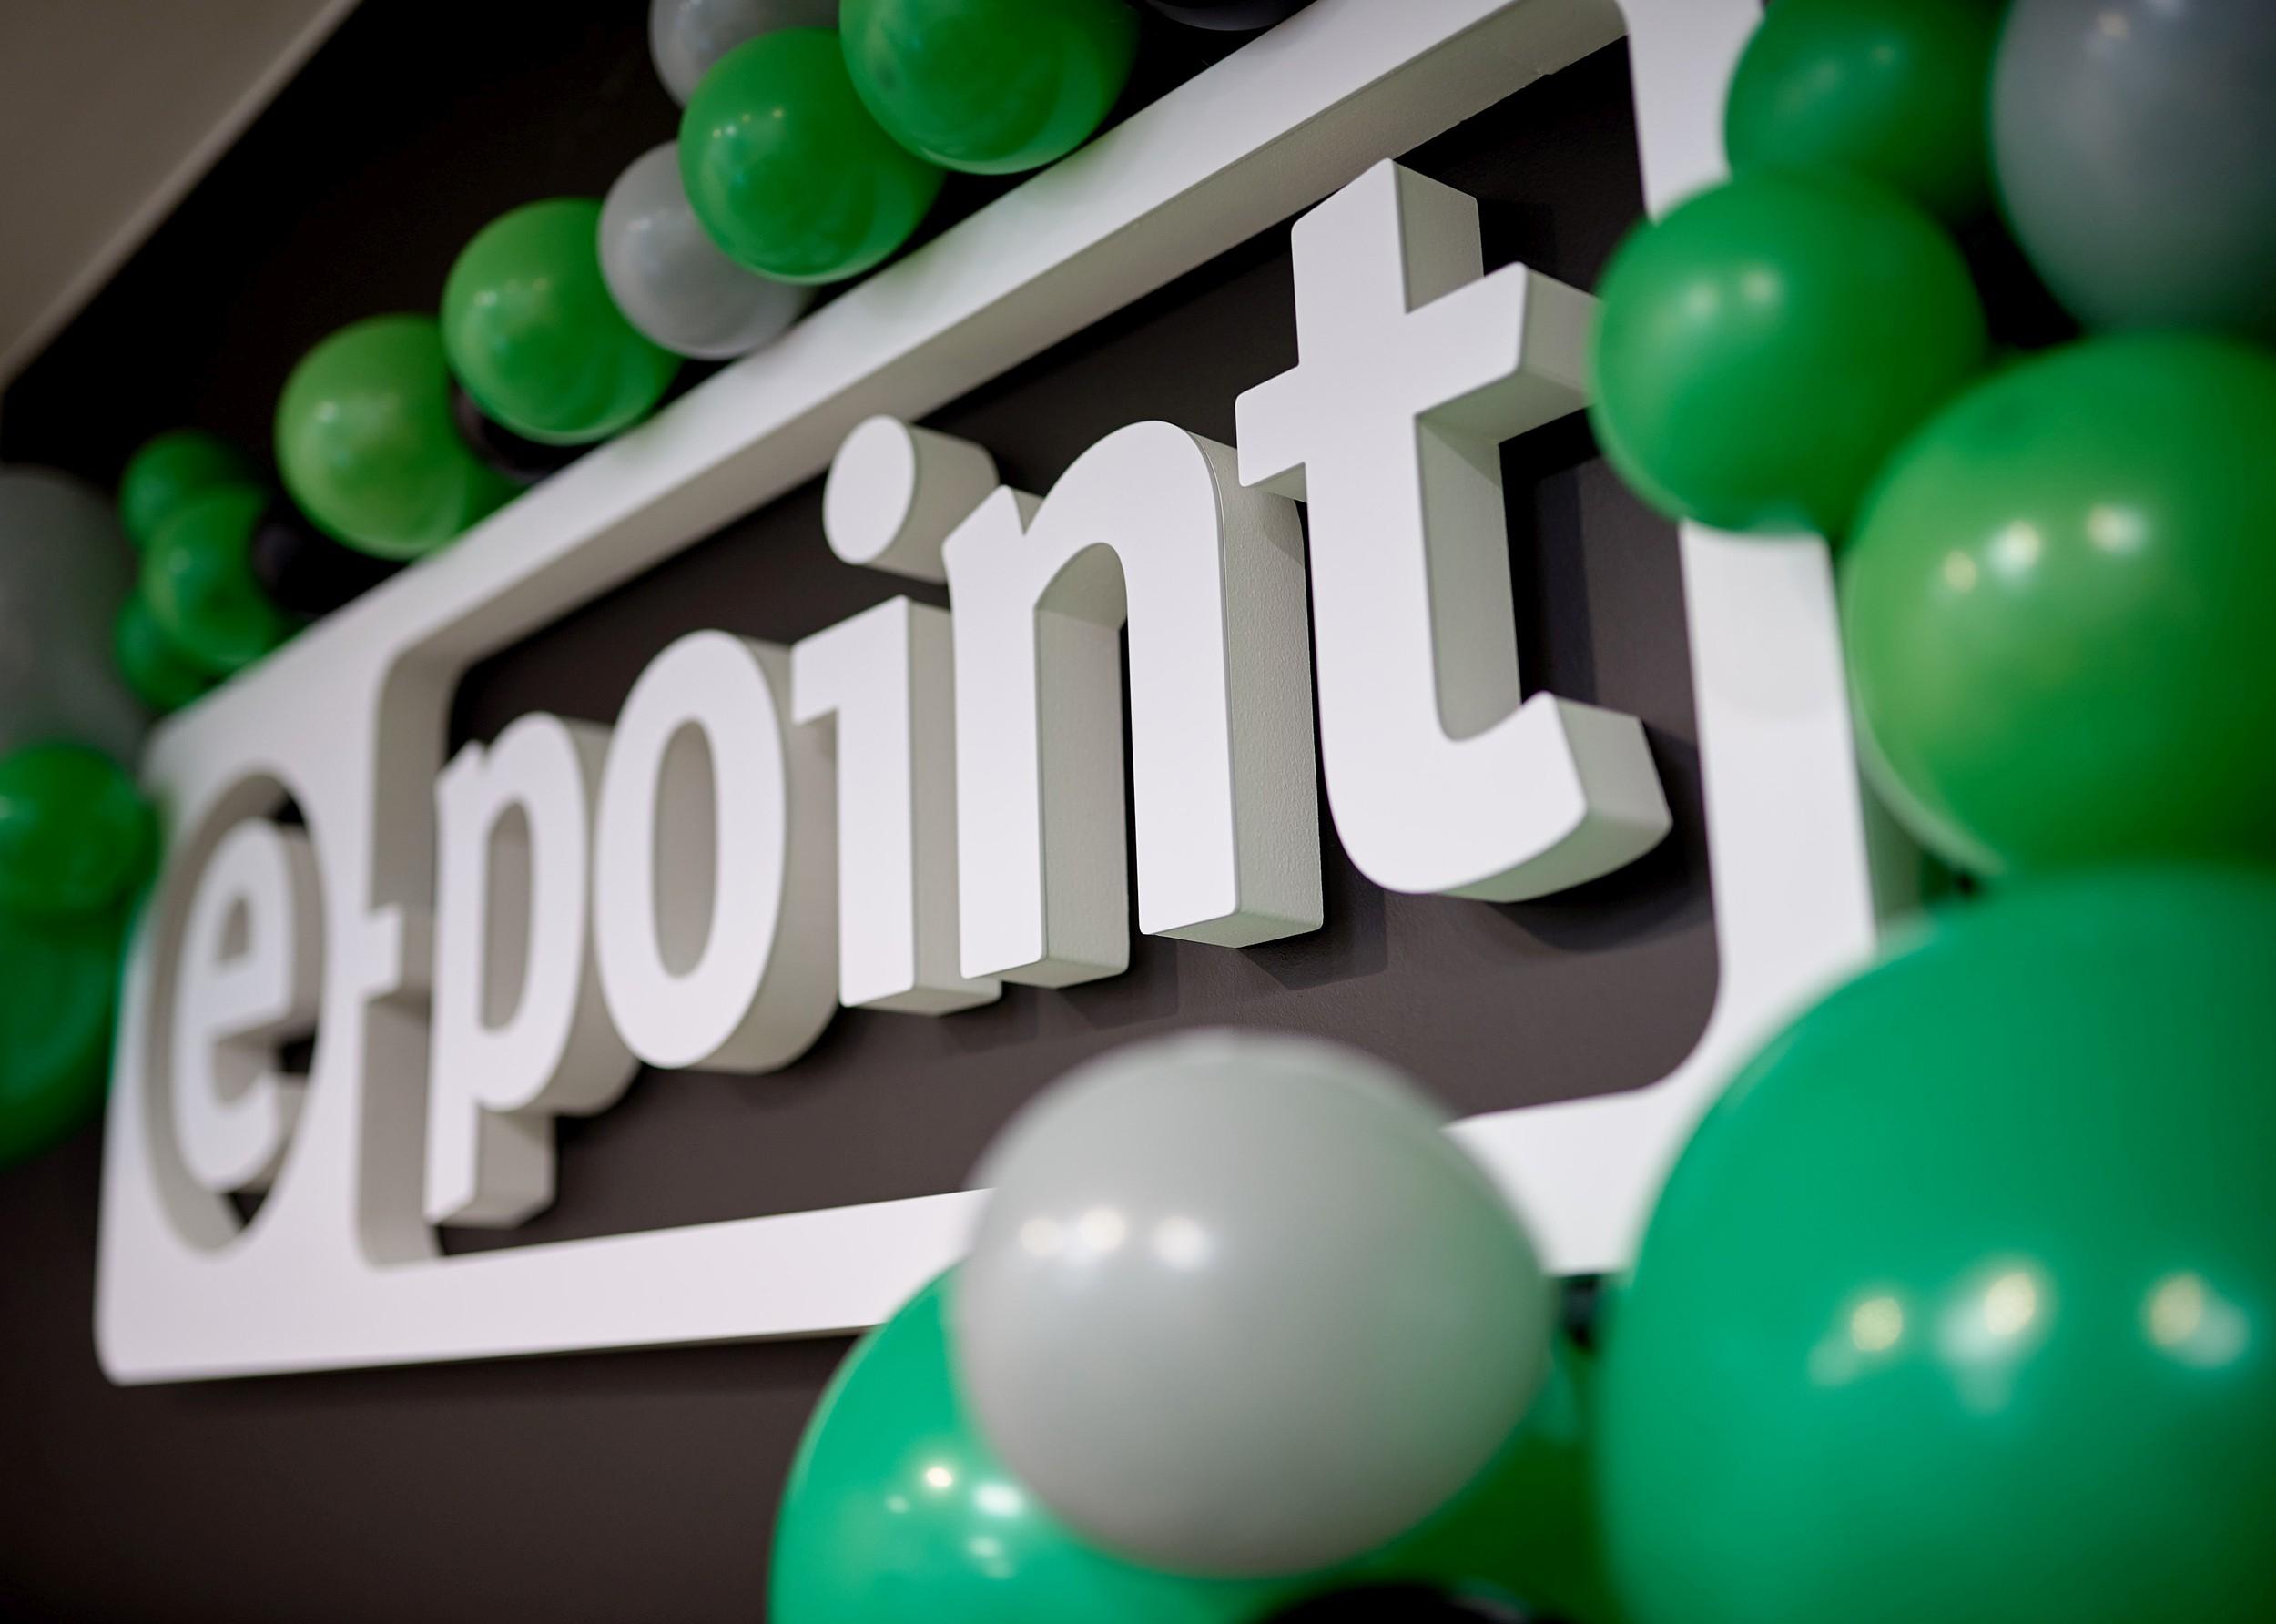 E-point. Realizacja audytu marki i konsultacji brandingu